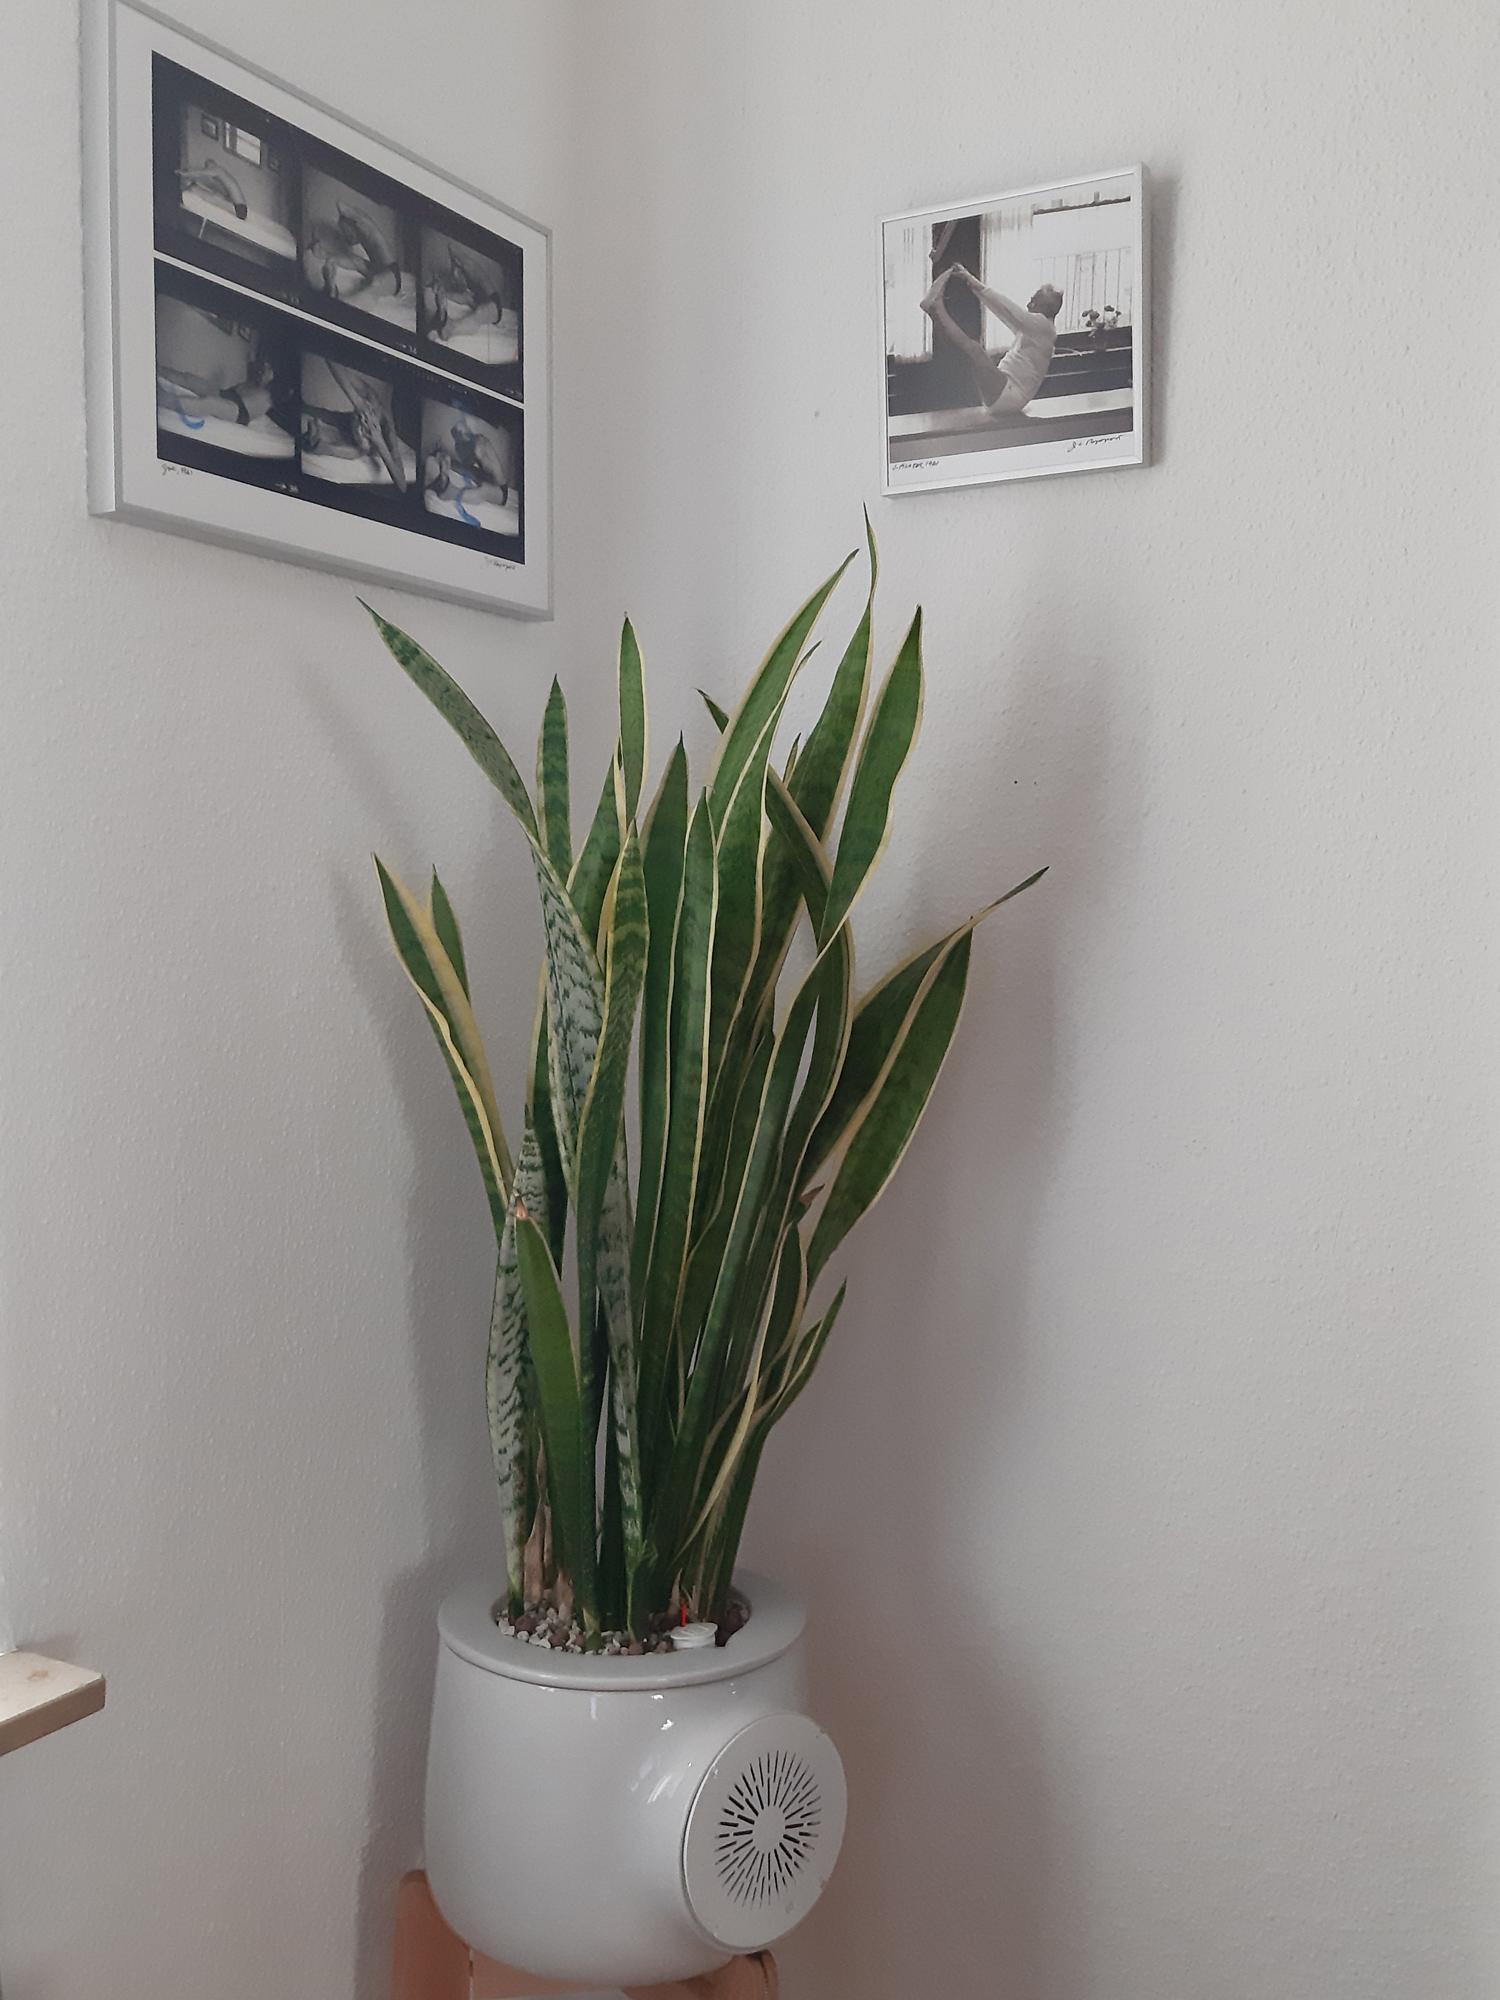 Bogenhanf in einem Clairy Pflanzentop mit Lechuza Substrat und gleichzeitig auch Meßstation.